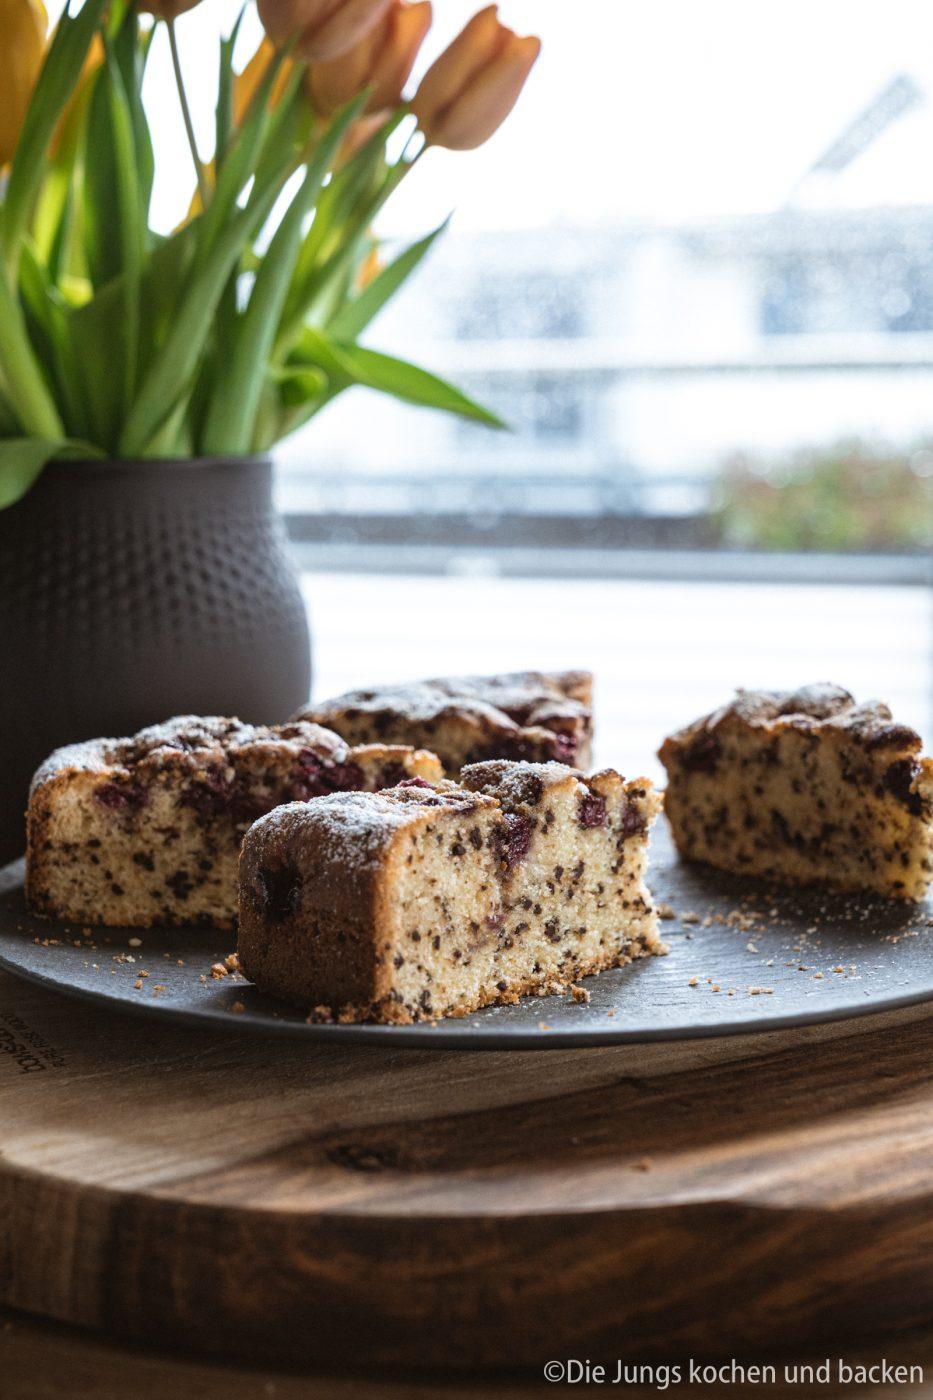 Versenkter Kirschkuchen 8 | Keine Ahnung, wie das bei euch ist?! Bei mir gibt es einfach diese Kuchen-Jieper - dann muss ein leckeres Stück Kuchen her! Scheinbar liegt das bei mir in der Familie, daher haben wir ein tolles und super simples Familienrezept für einen versenkten Kirschkuchen für euch. Denn ein saftig, fruchtiger und schokoladiger Kuchen ist doch eine dieser Sachen, denen niemand widerstehen kann, oder!